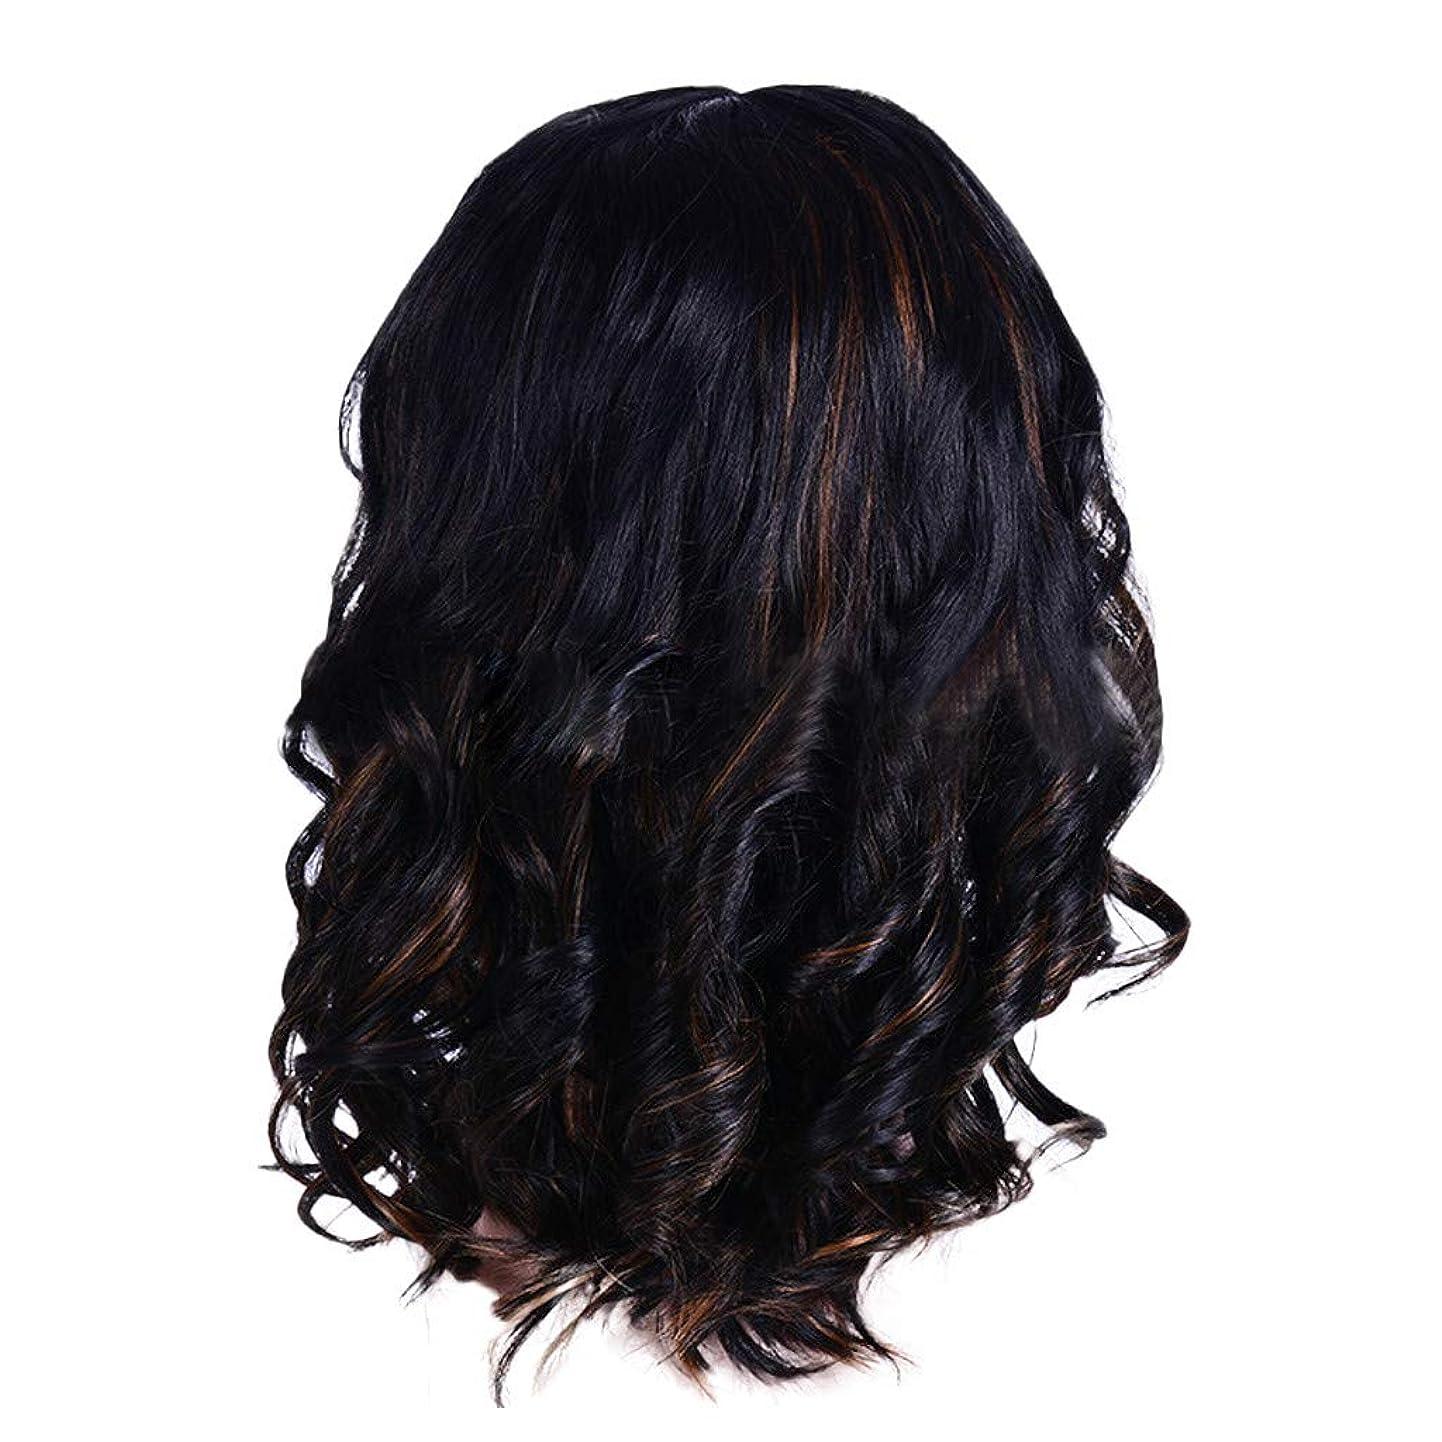 焦がす甘くするのれんウィッグの女性の短い巻き毛の黒ボブエレガントなファッションウィッグ